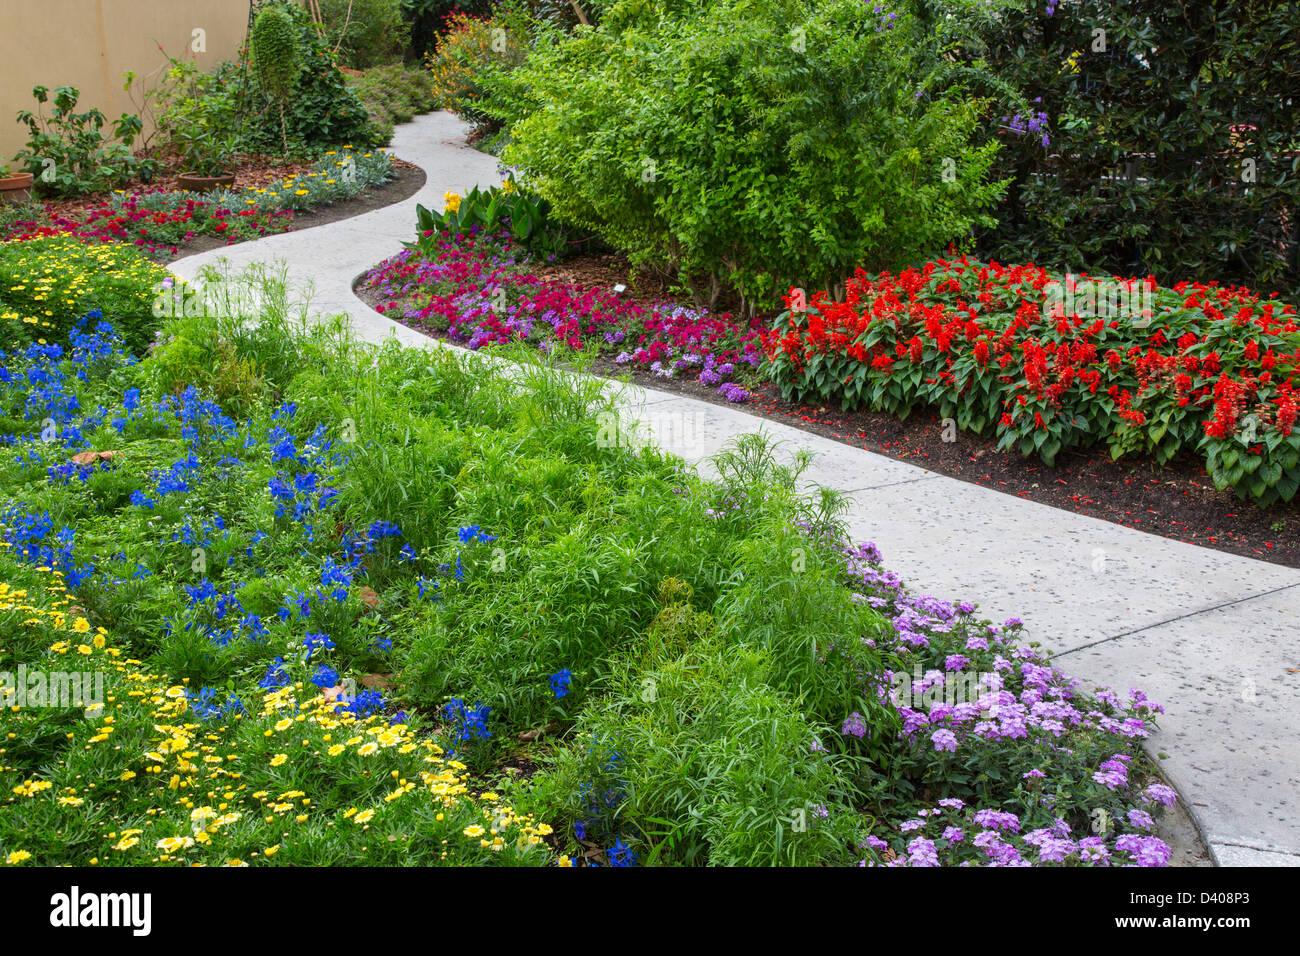 Hollis Garden In Lakeland Florida A Botanic Formal Garden